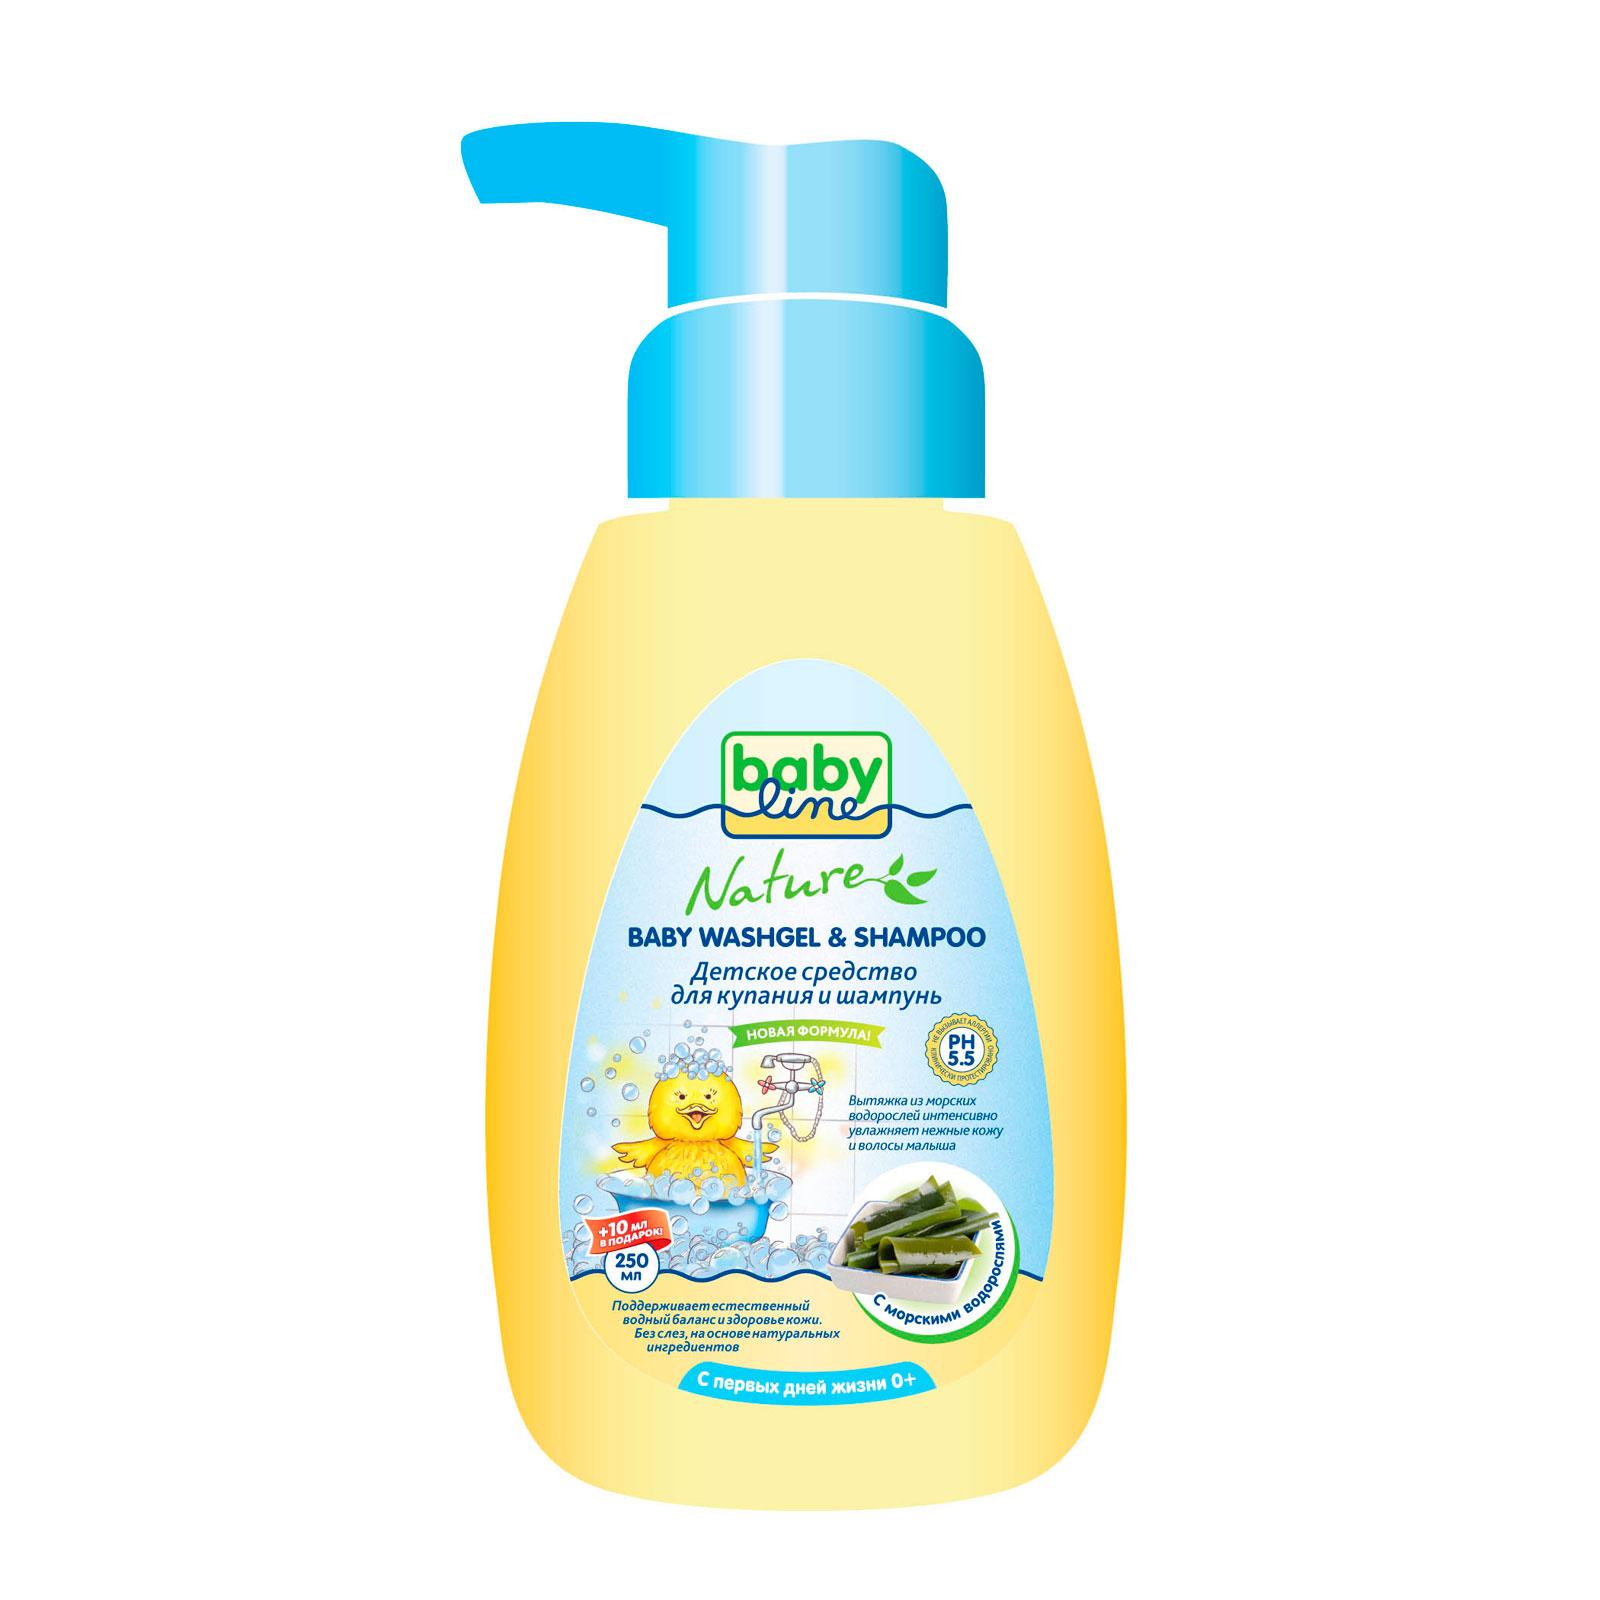 Средство для купания и шампунь BabyLine Nature с морскими водорослями 250 мл (с первых дней жизни) (Babyline)